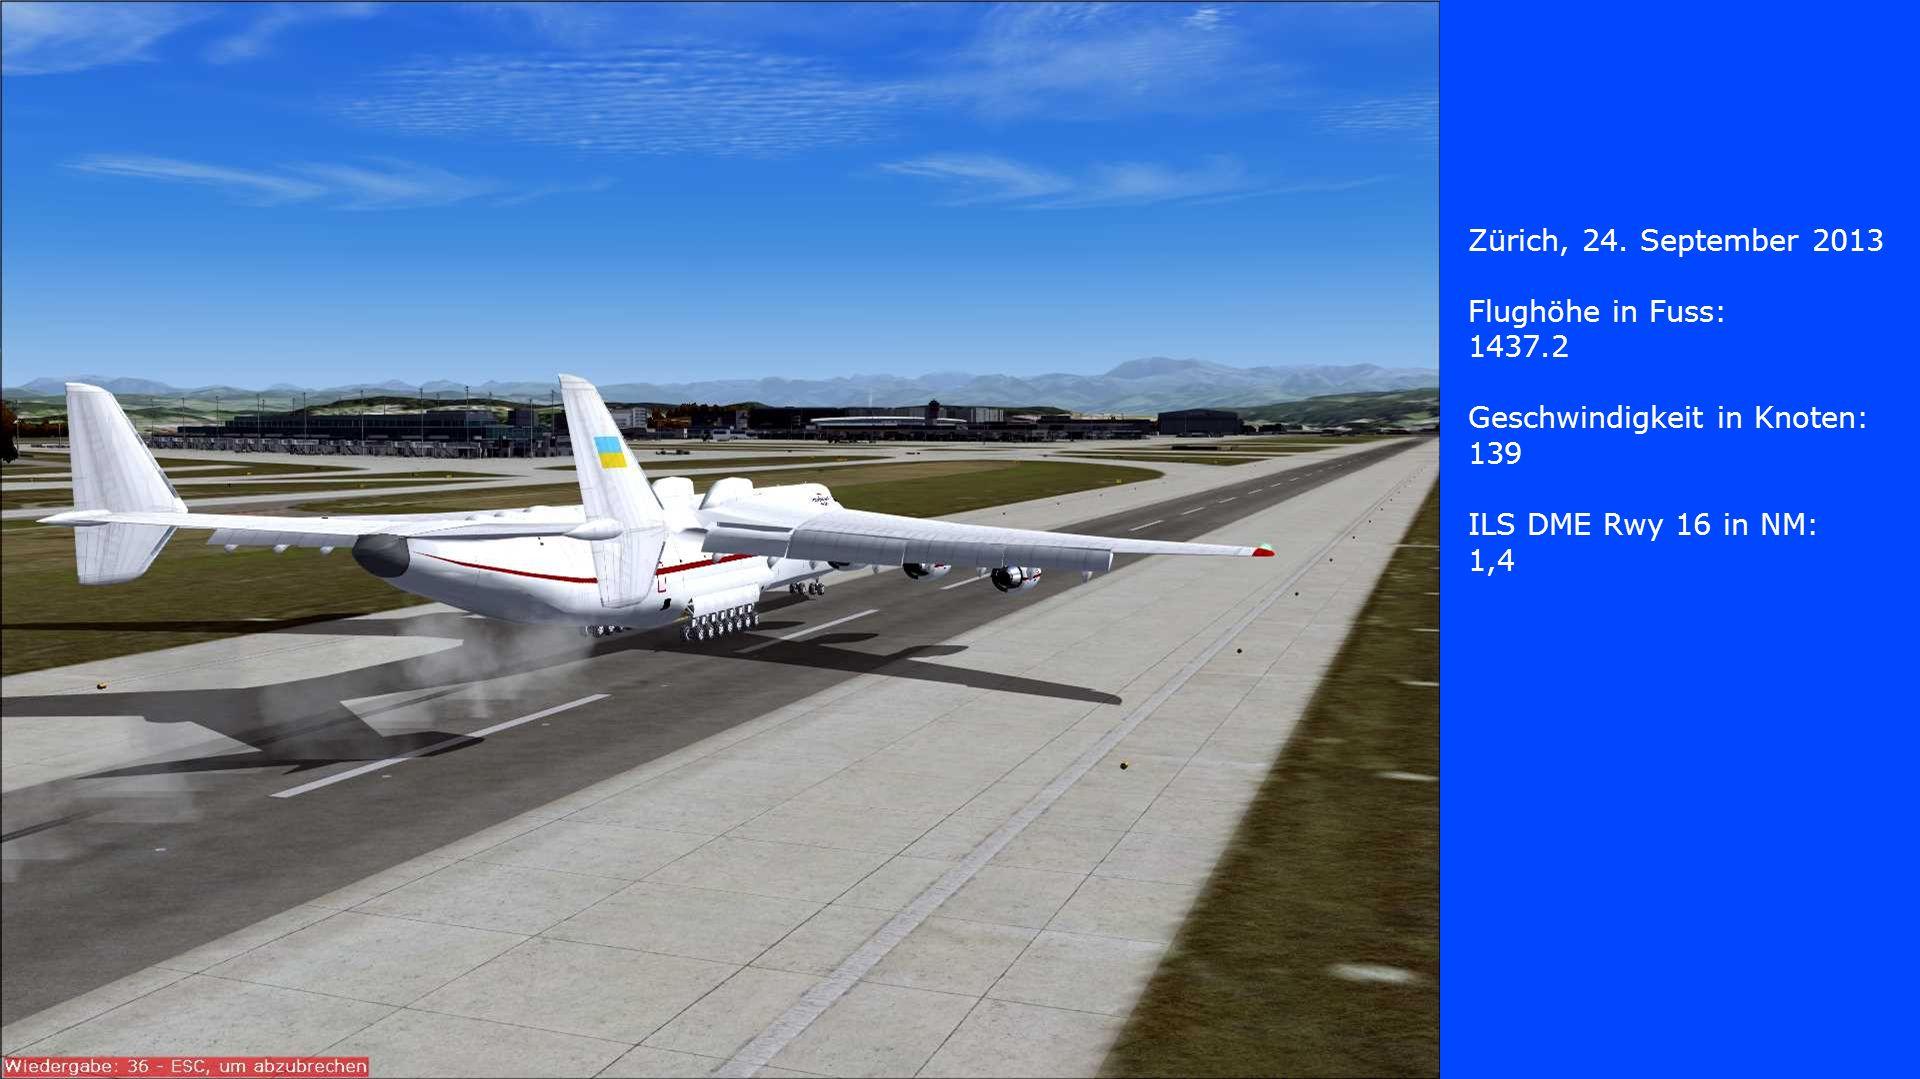 Zürich, 24. September 2013 Flughöhe in Fuss: 1437.2. Geschwindigkeit in Knoten: 139. ILS DME Rwy 16 in NM: